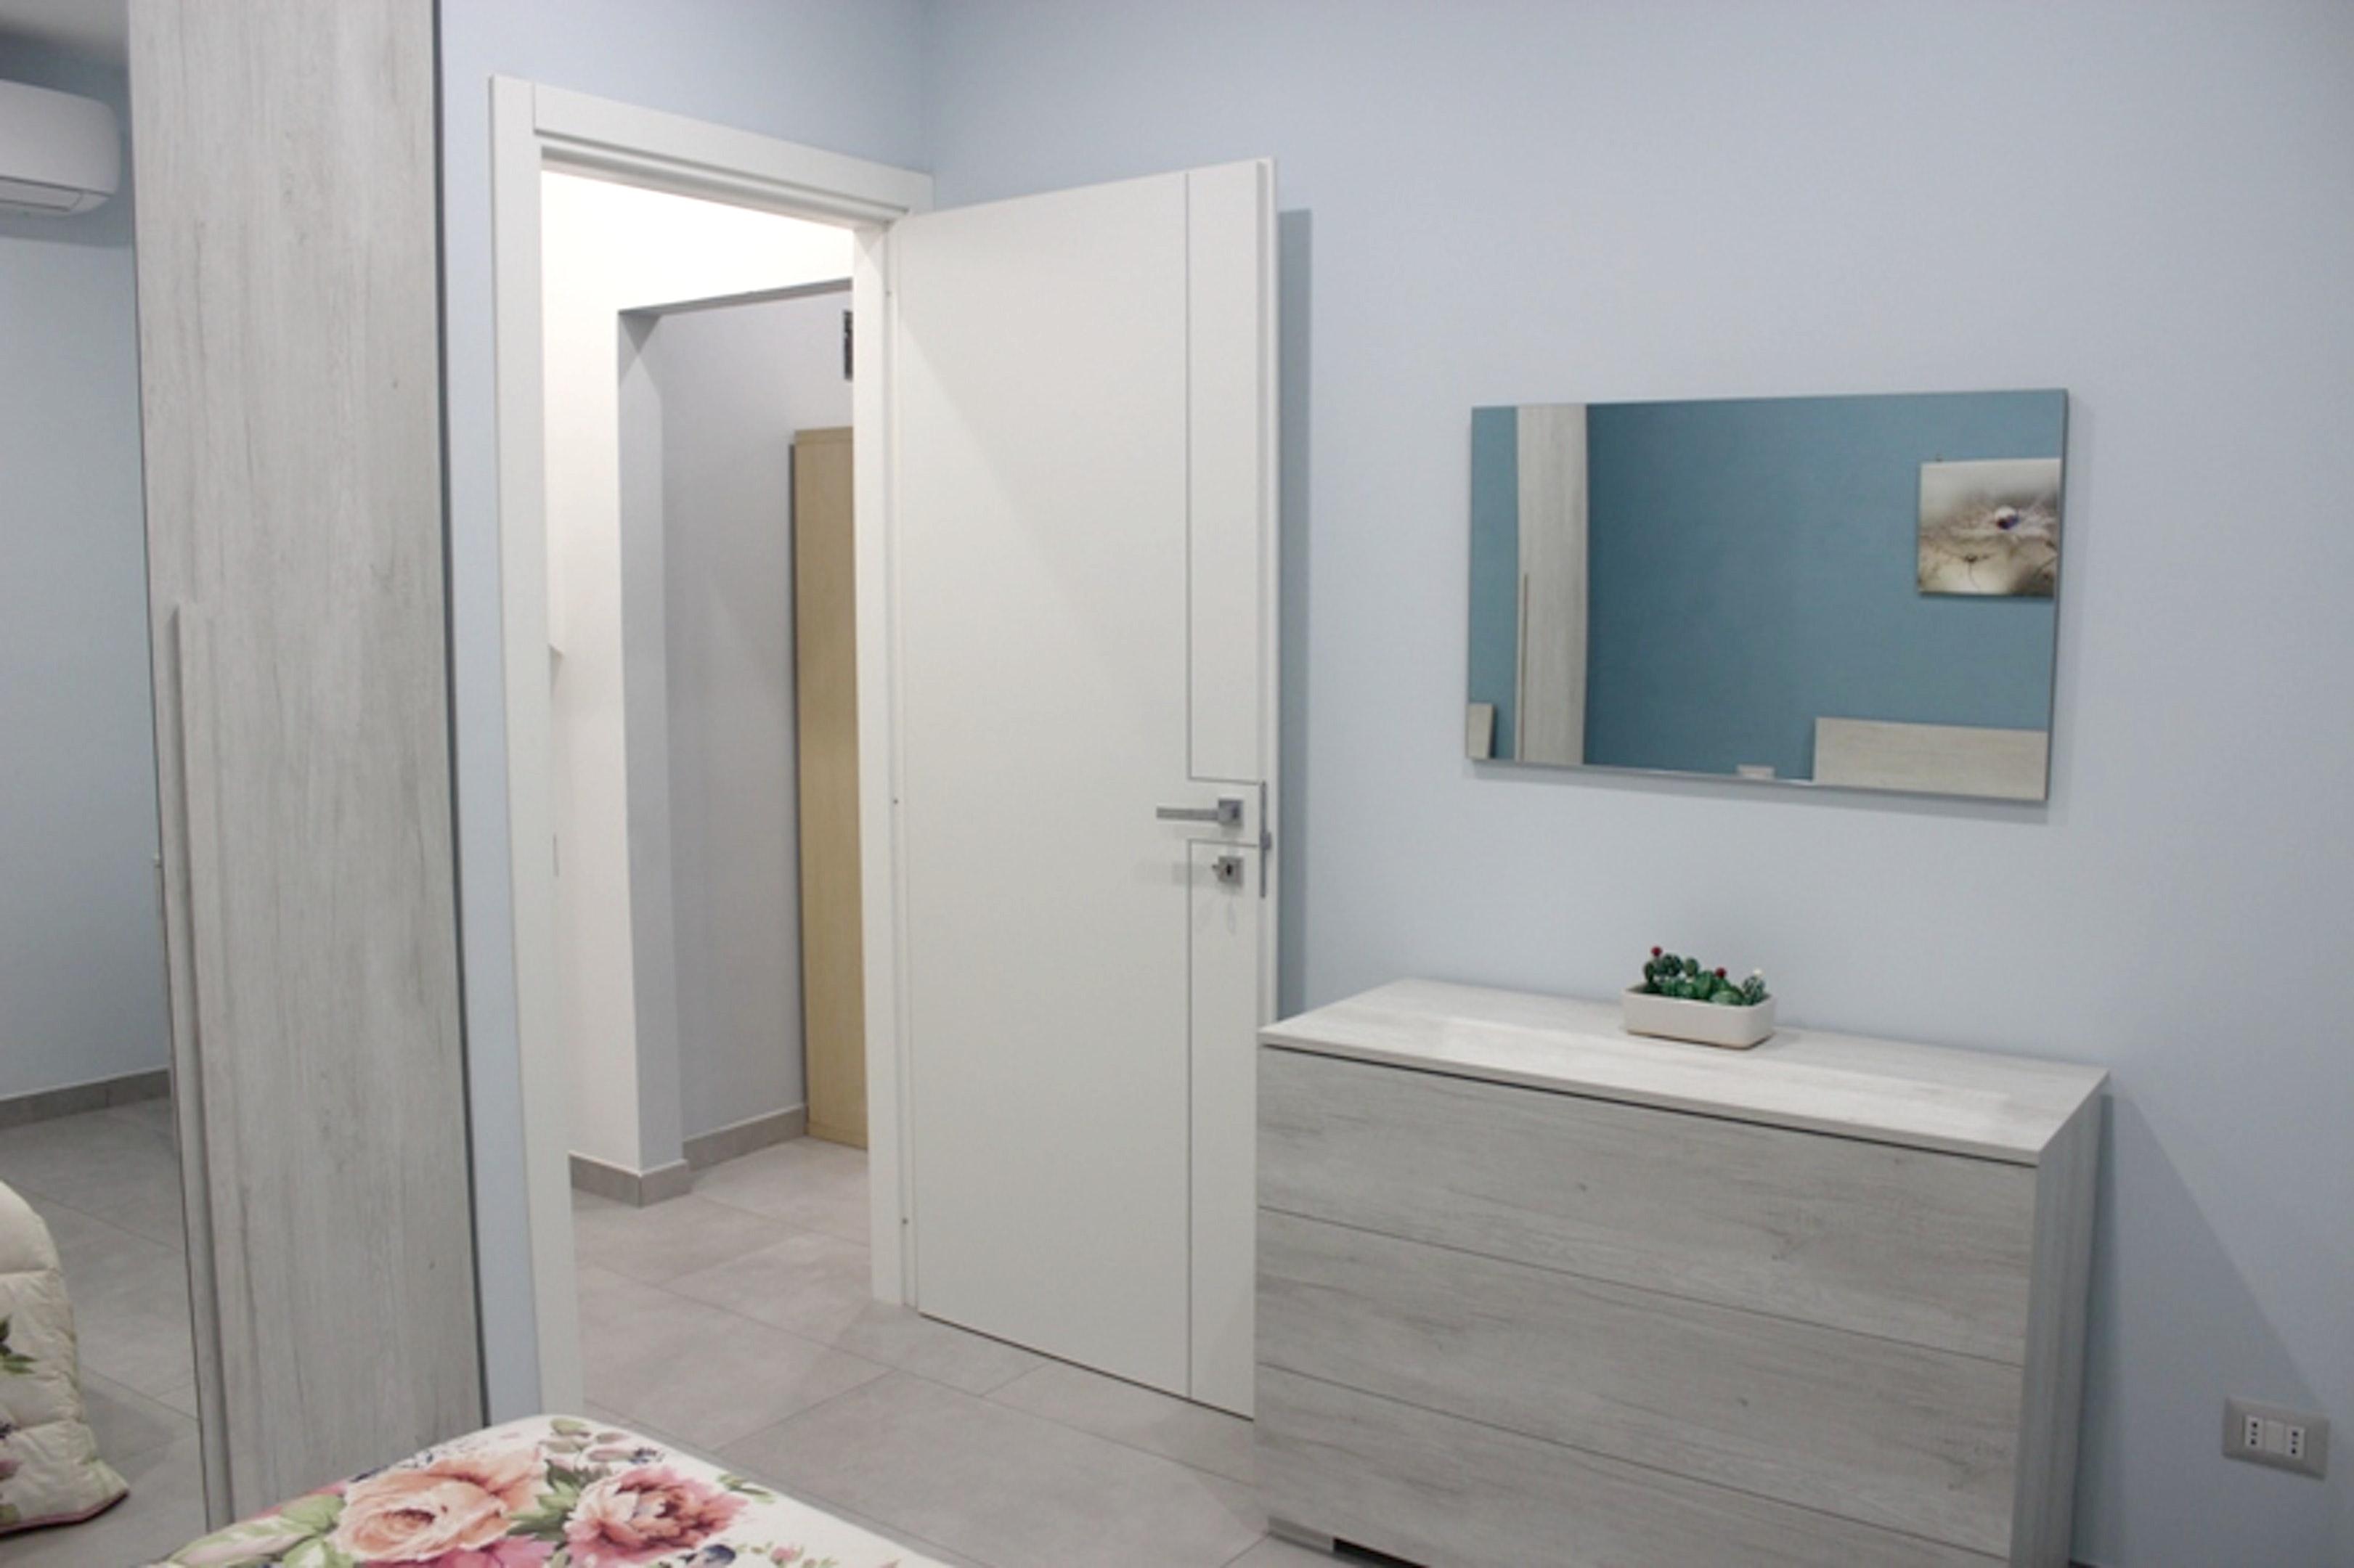 Ferienwohnung Wohnung mit einem Schlafzimmer in Sant'Agnello mit schöner Aussicht auf die Stadt, möblier (2791793), Sant'Agnello, Amalfiküste, Kampanien, Italien, Bild 13